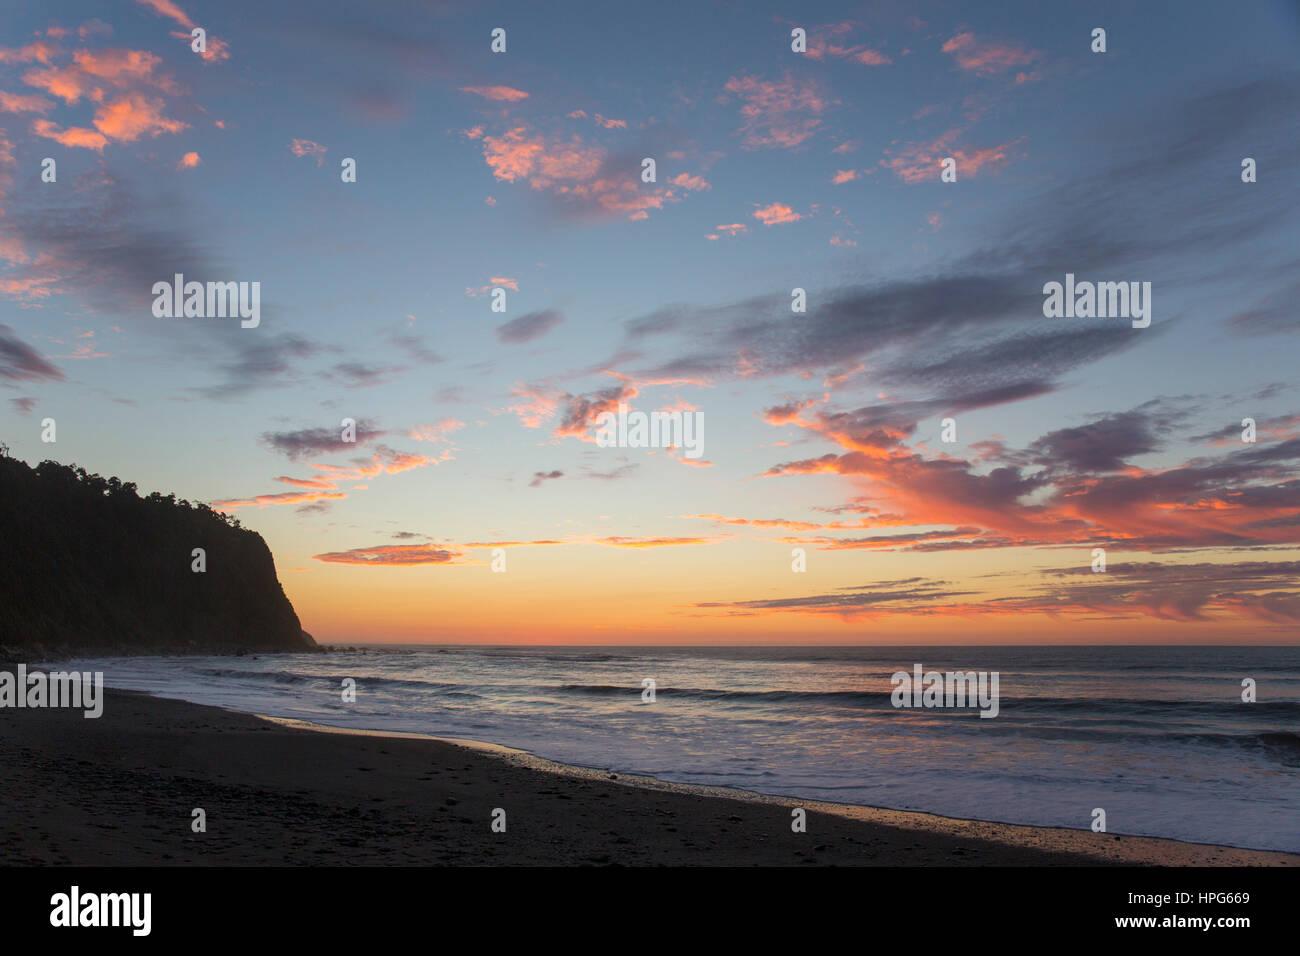 Okarito, Westland Tai Poutini National Park, West Coast, New Zealand. Colourful sky over the Tasman Sea, dusk. - Stock Image